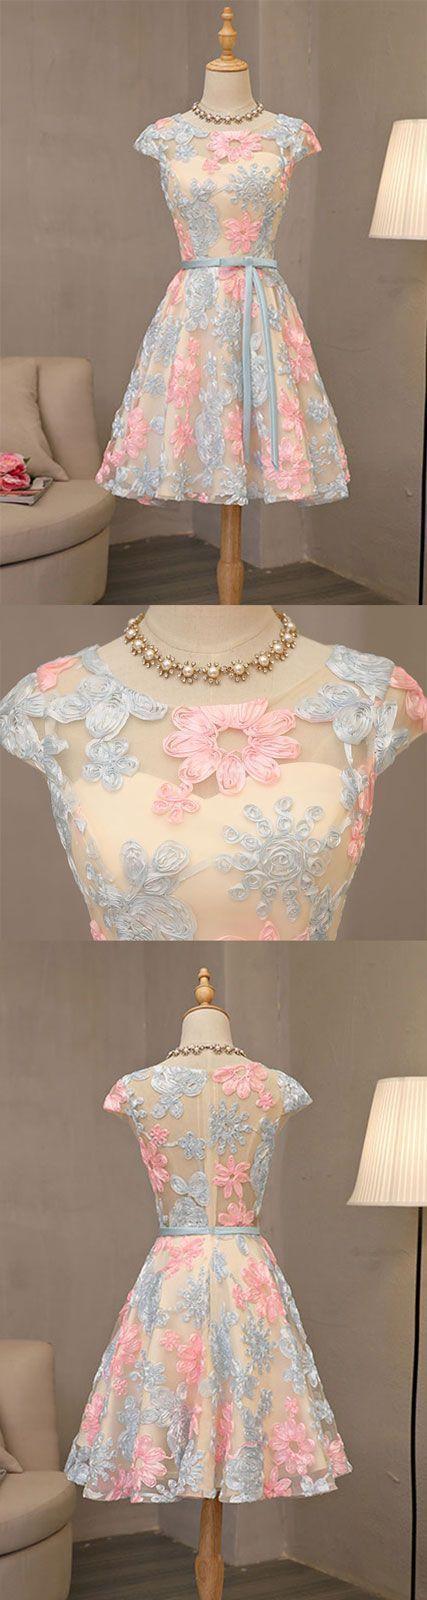 # # Graduation Kleid Rosen # Blumen # # Kette, rosa Blumen, blaue Blumen # # # Clipping Wow